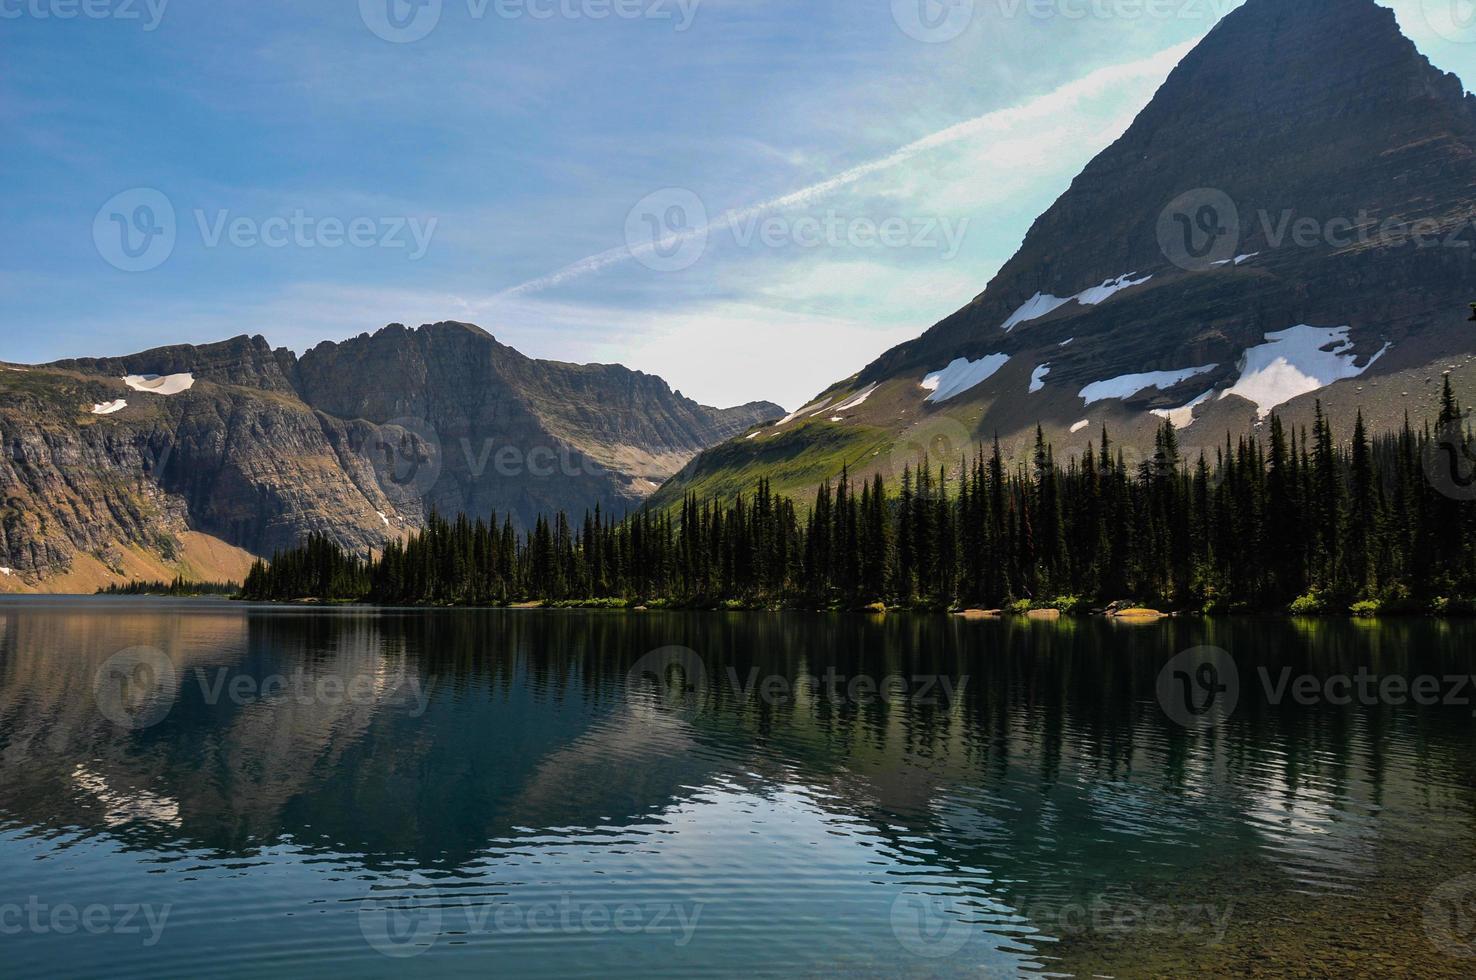 Sendero del lago oculto, Parque Nacional Glacier, Montana, EE. foto